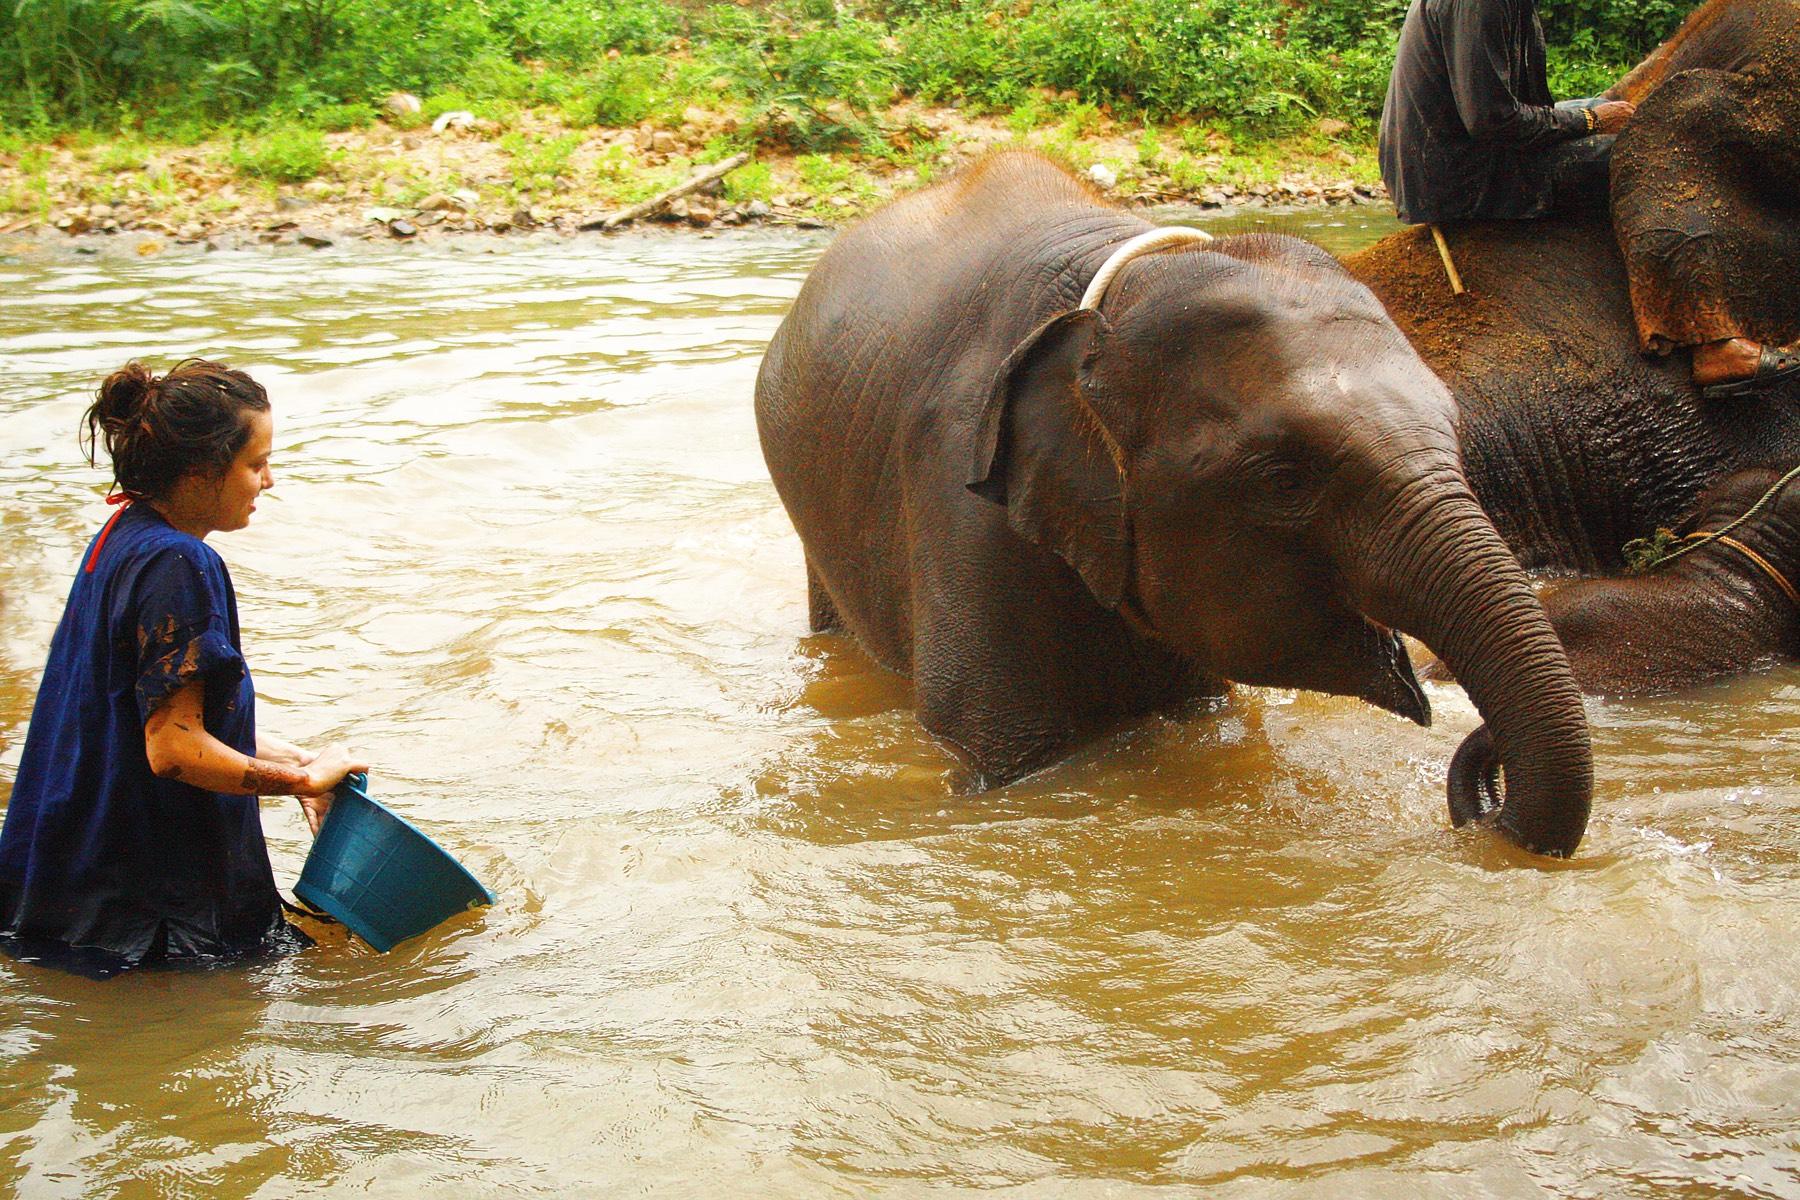 vounteer with Elephants in Thailand